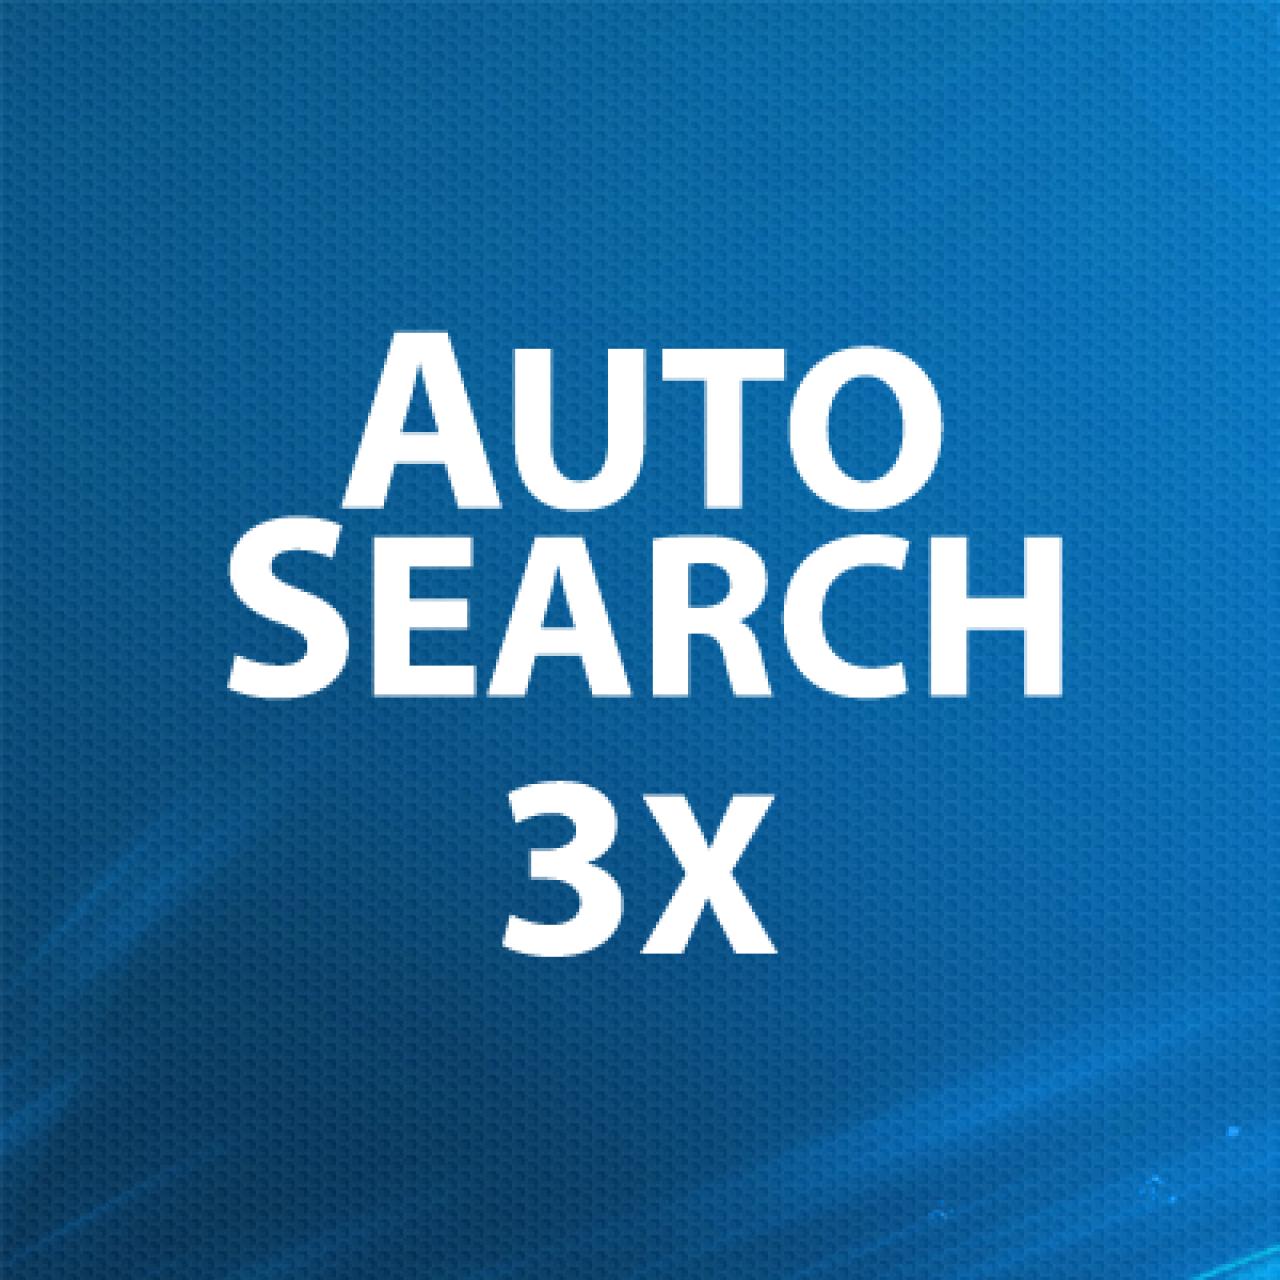 AutoSearch 3x - быстрый поиск для Opencart 3 из категории Поиск для CMS OpenCart (ОпенКарт)